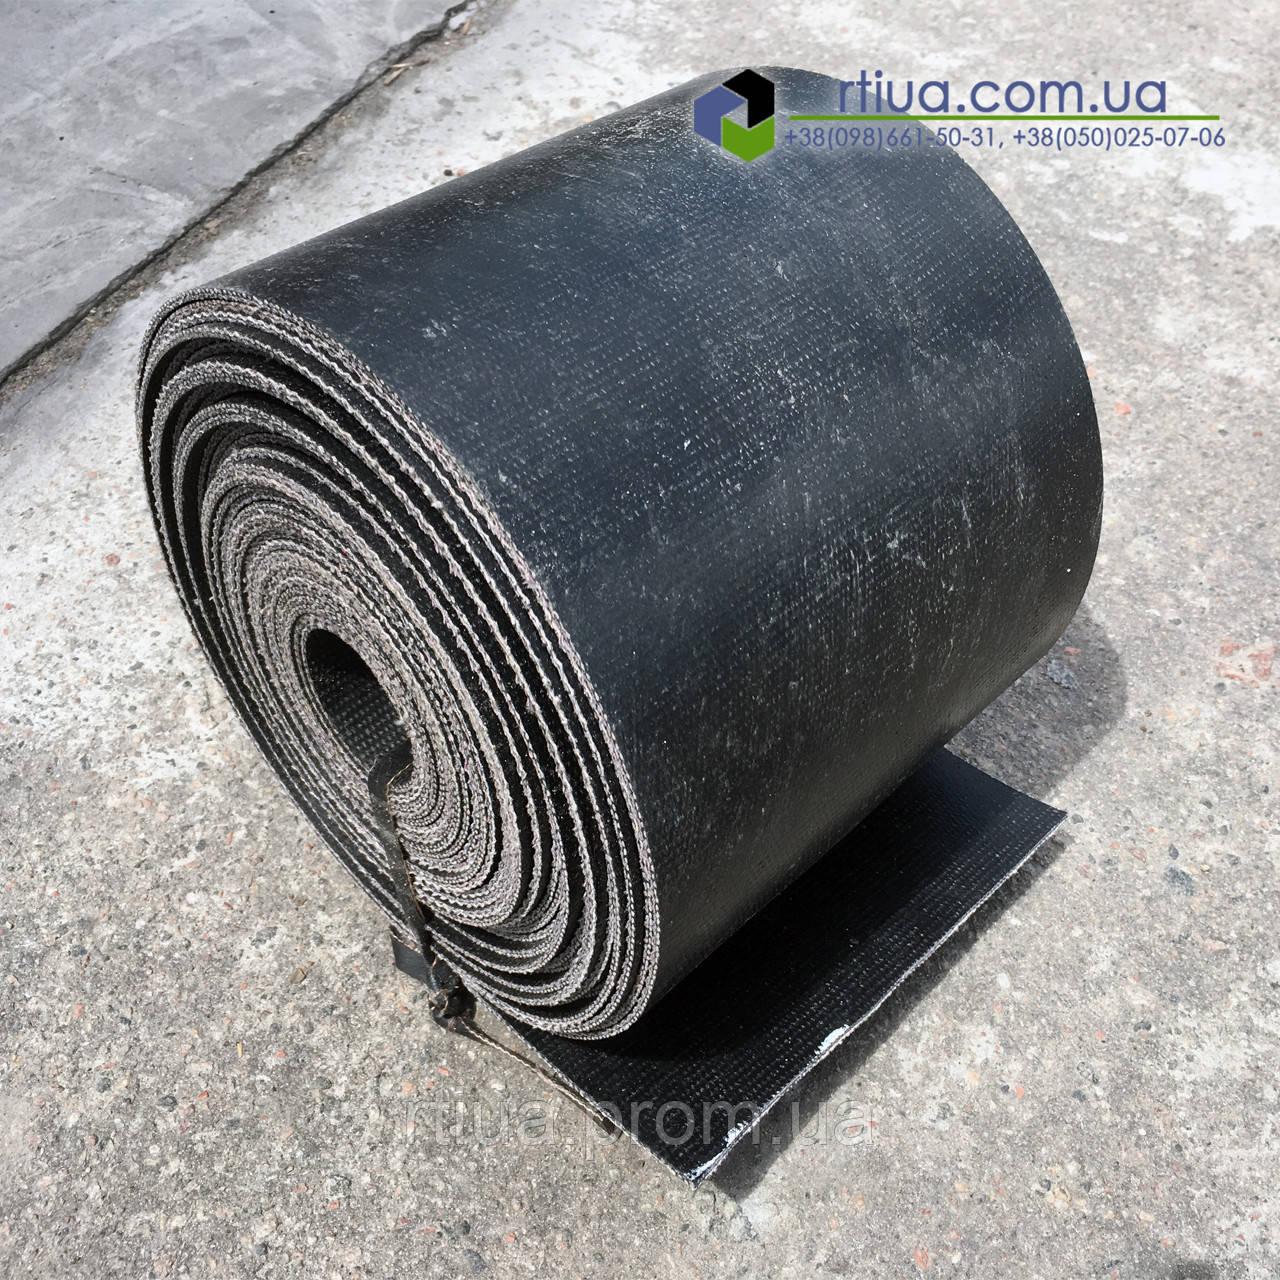 Транспортерная лента БКНЛ, 600х6 мм